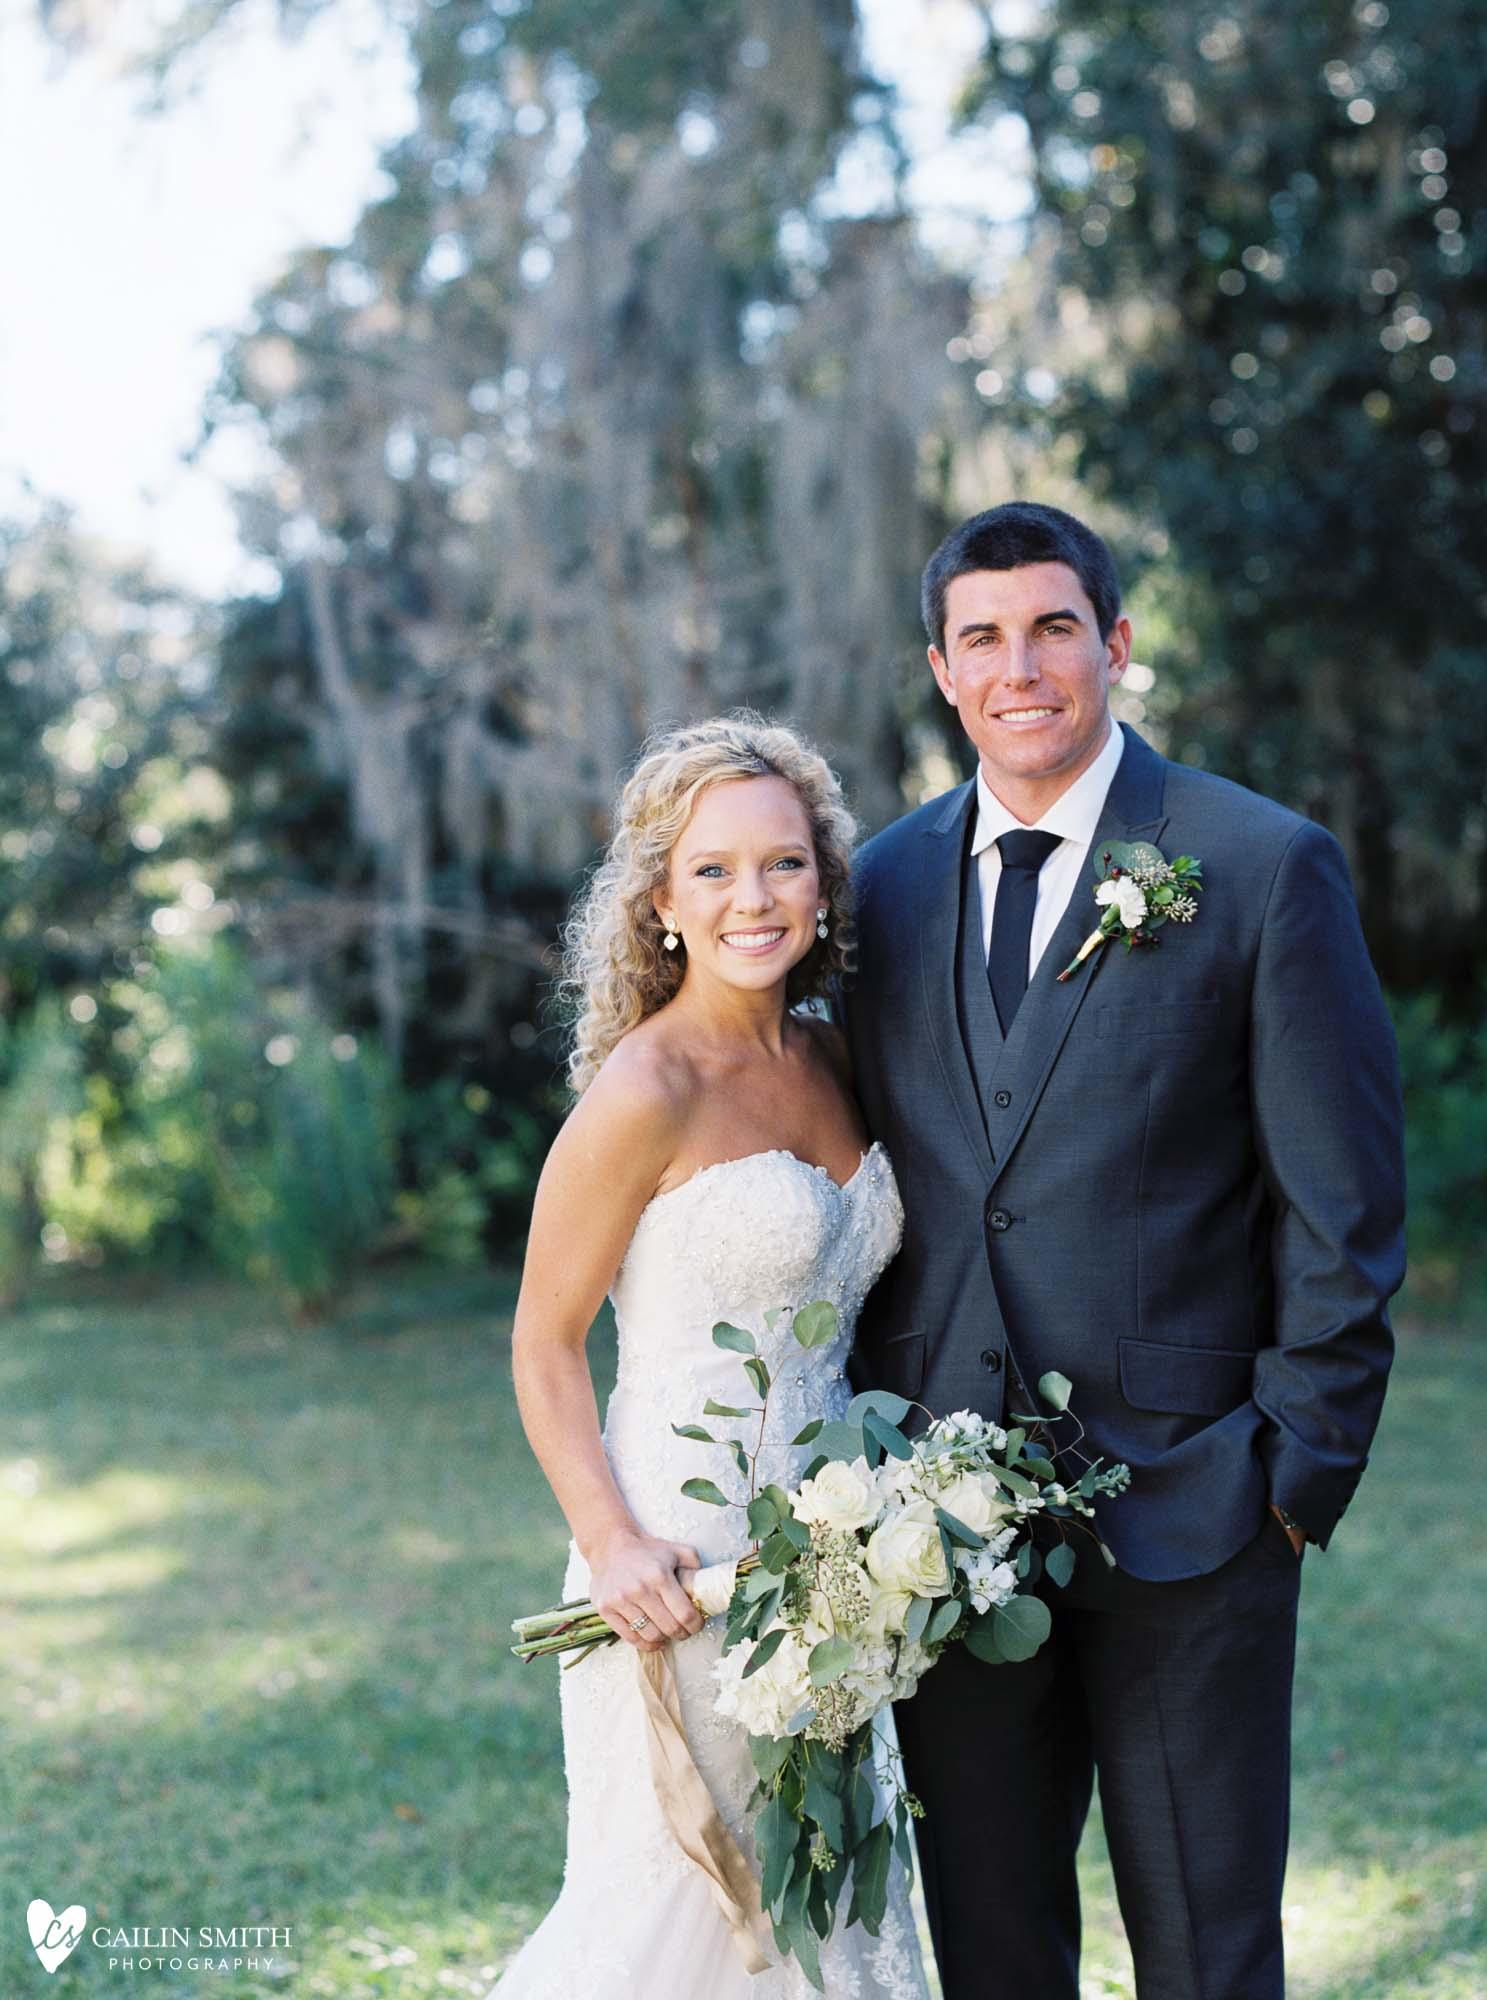 Leah_Major_St_Marys_Wedding_Photography_045.jpg